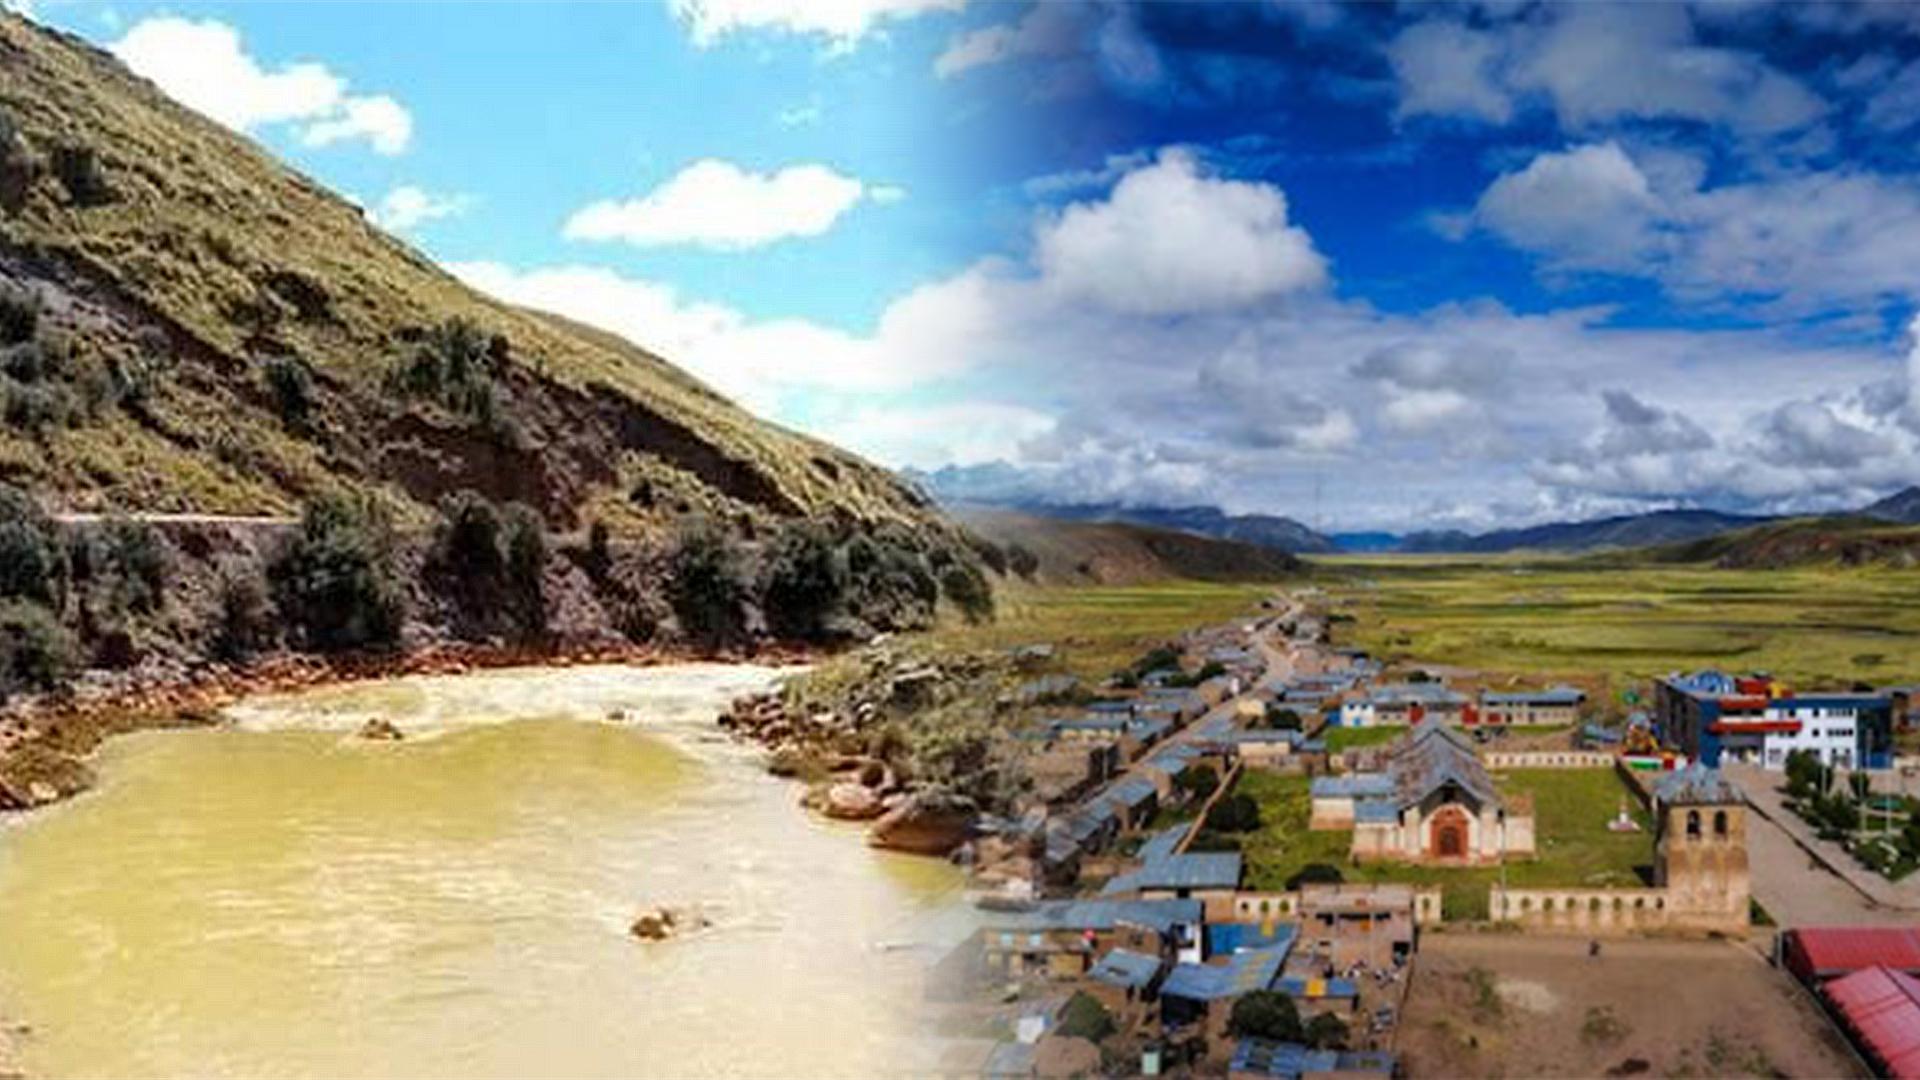 5 distritos de la región Puno son declarados en estado de emergencia por peligro inminente ante contaminación hídrica